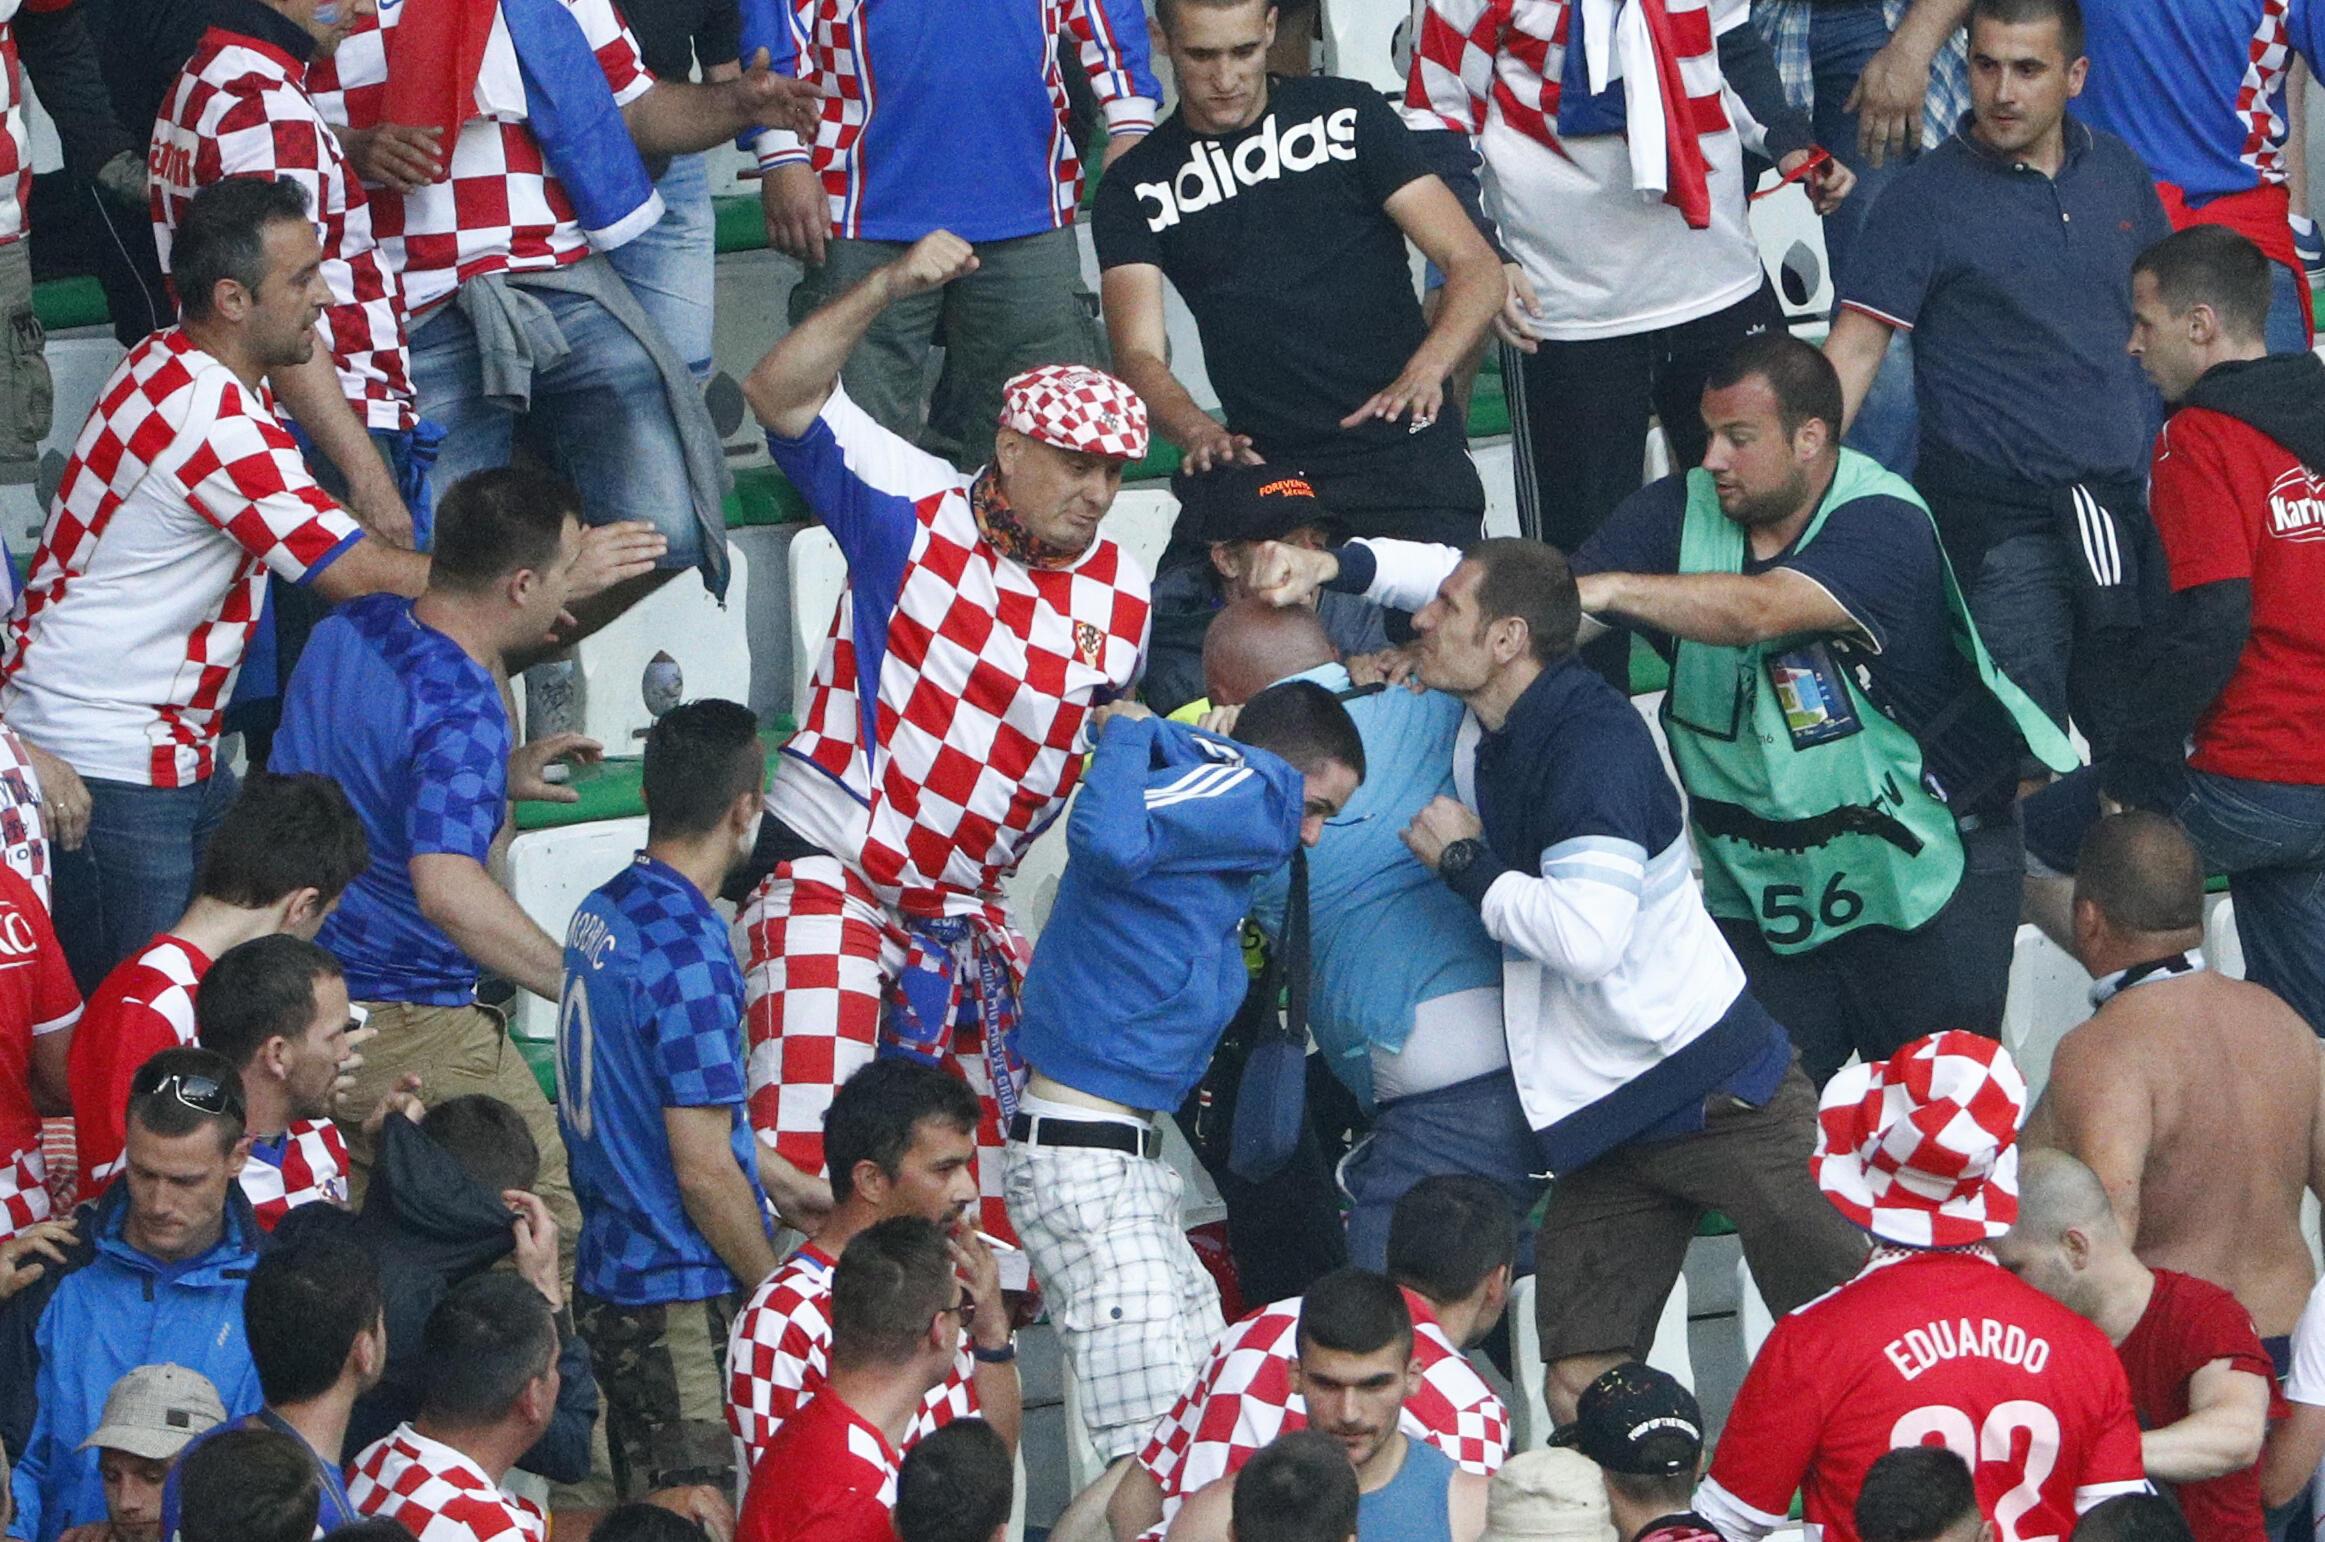 Torcedores croatas brigaram entre si, no jogo Croácia 2 x 2 República Tcheca na última sexta-feira (17).